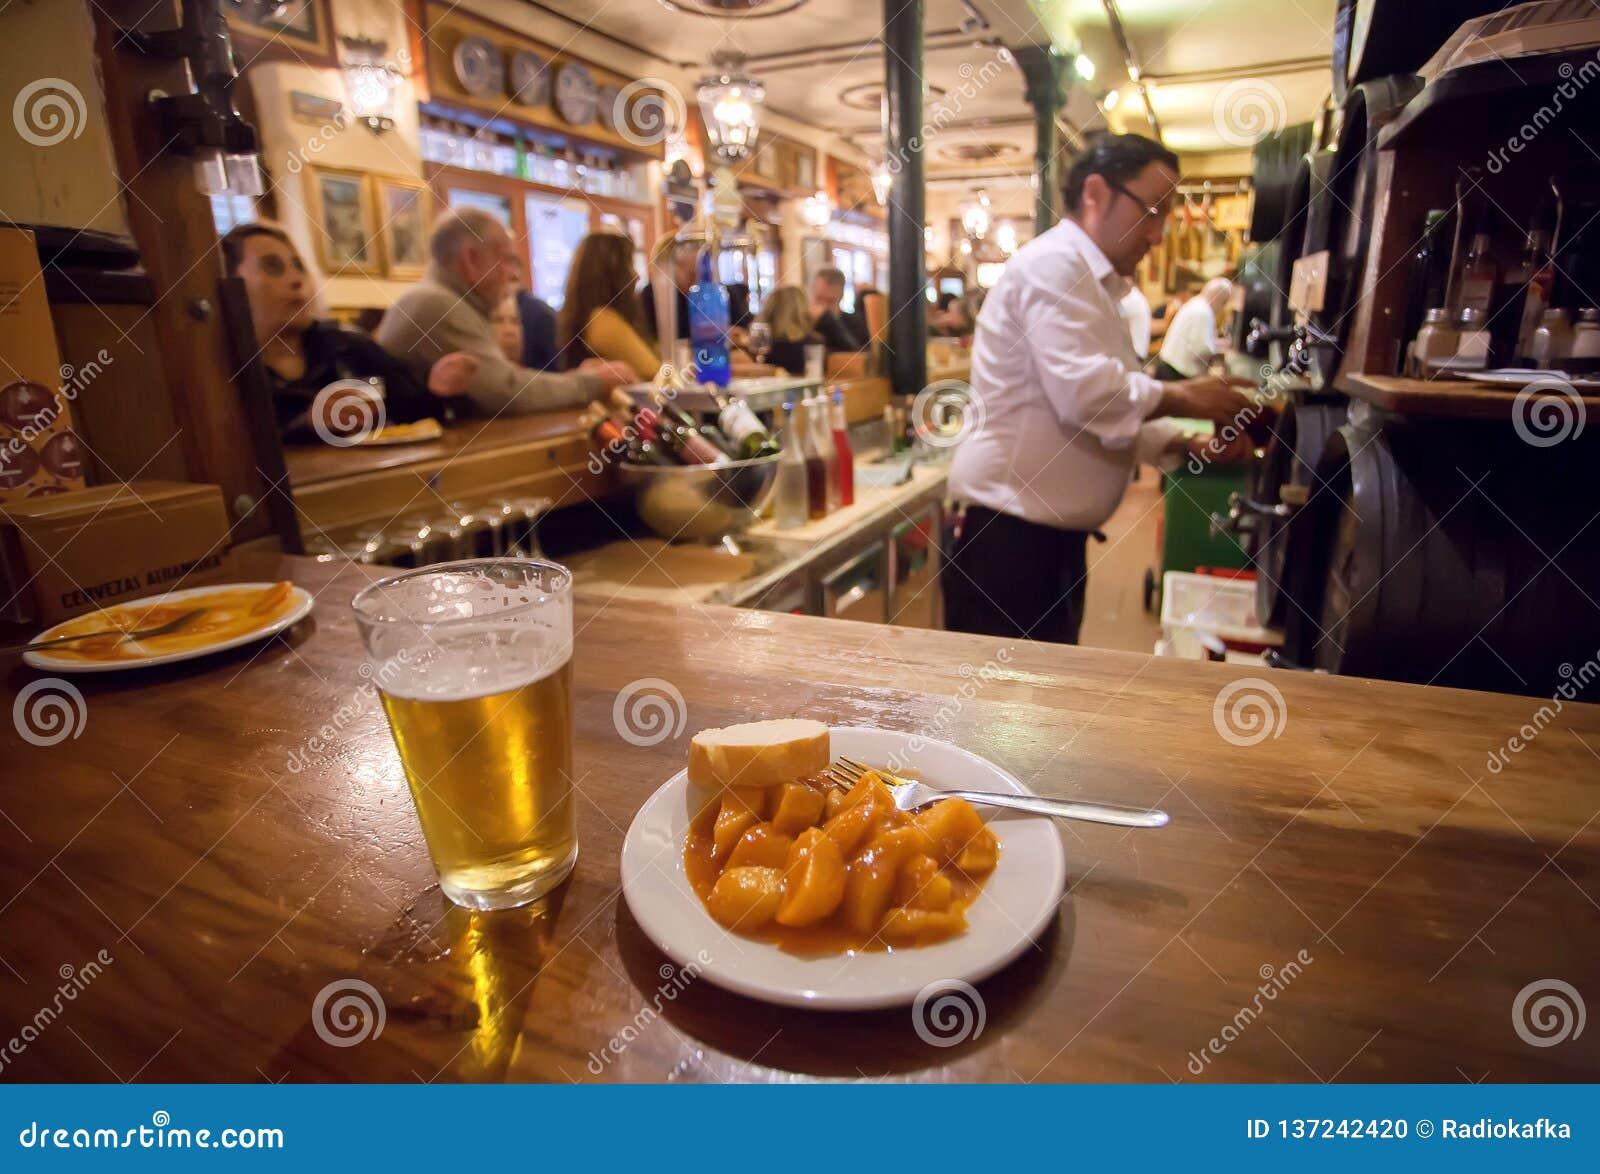 Aardappeltapas op plaat en glas bier voor klant van bezig fast-food restaurant in traditionele Spaanse stijl